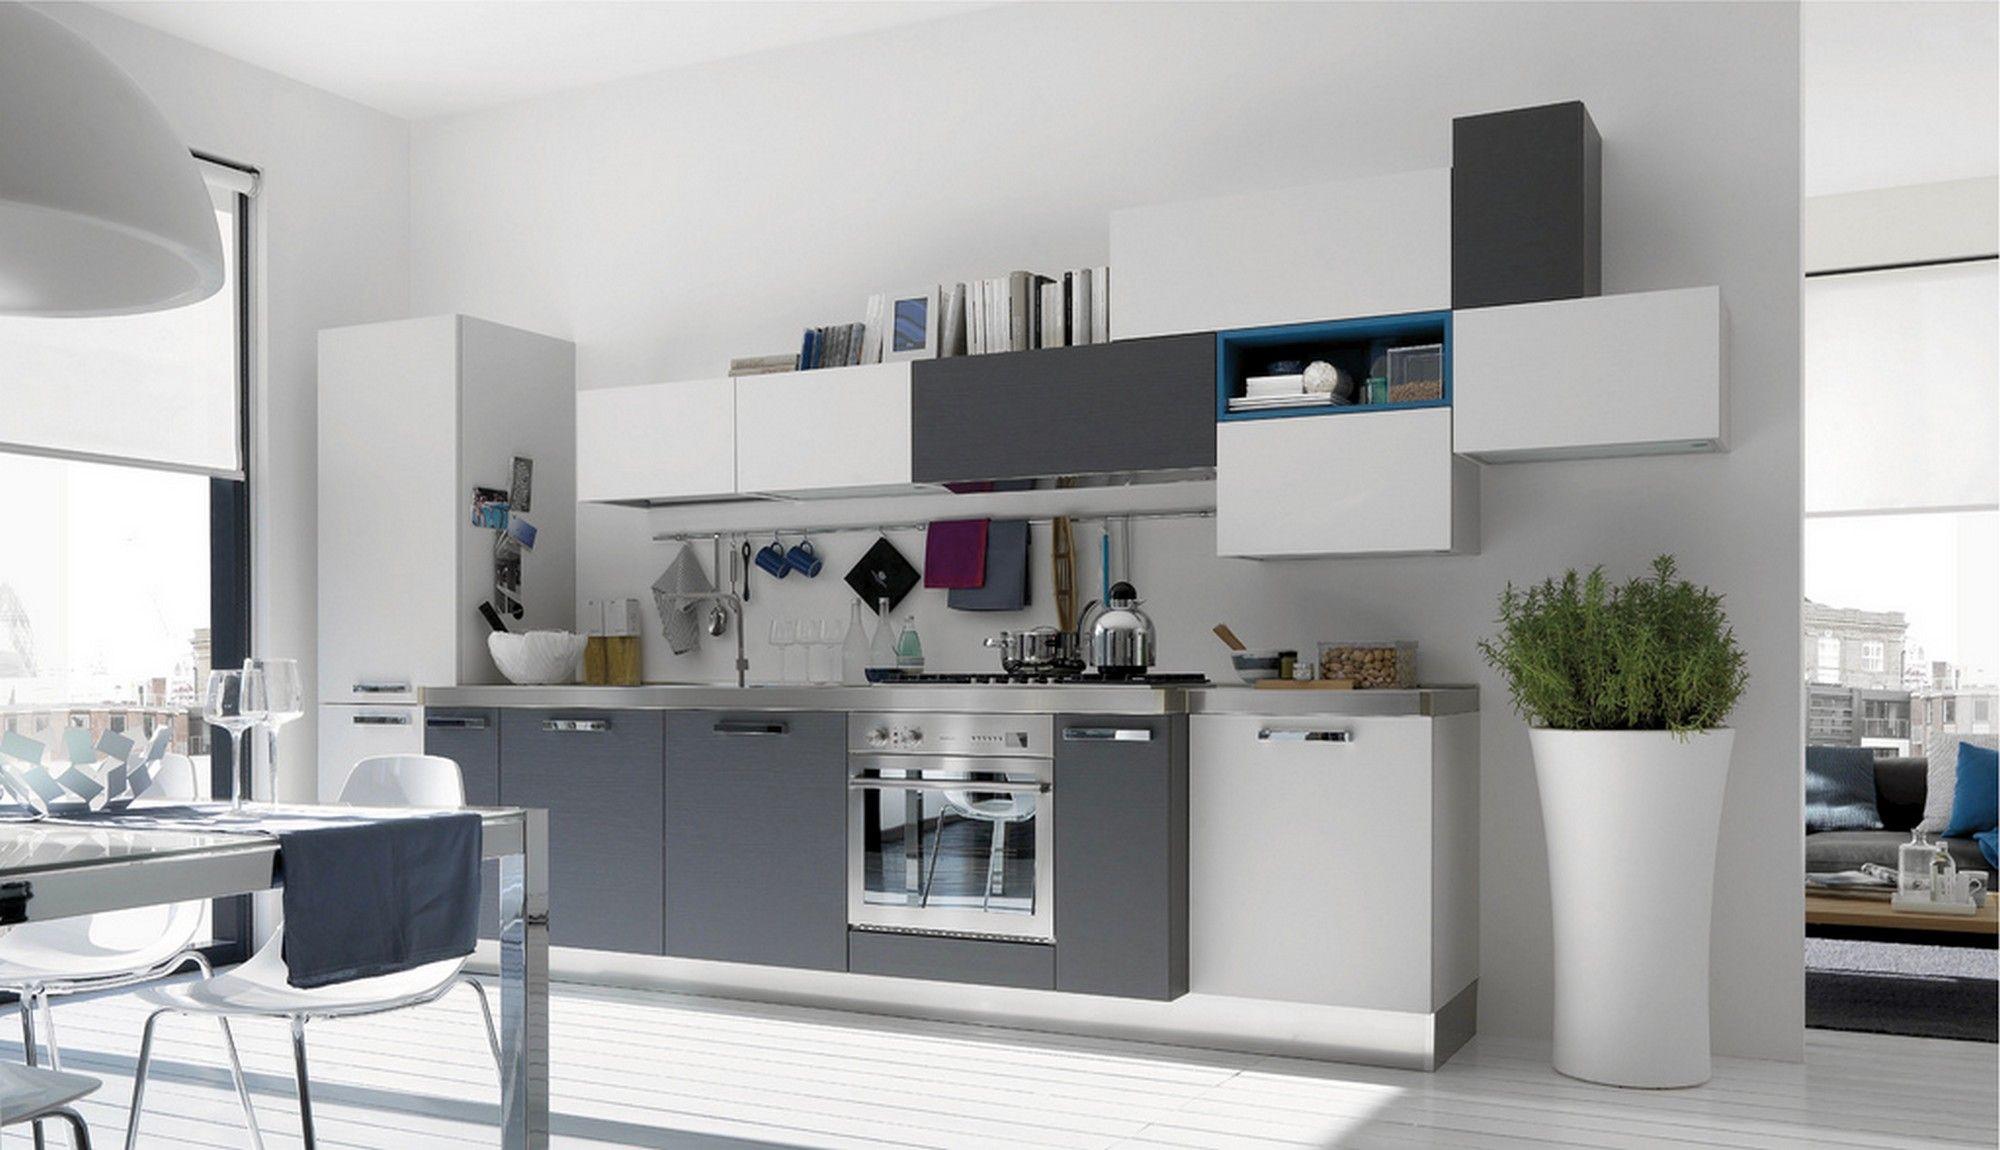 Ideen für die küche in farbe moderne küche farbe kombinationen  moderne küchefarbe